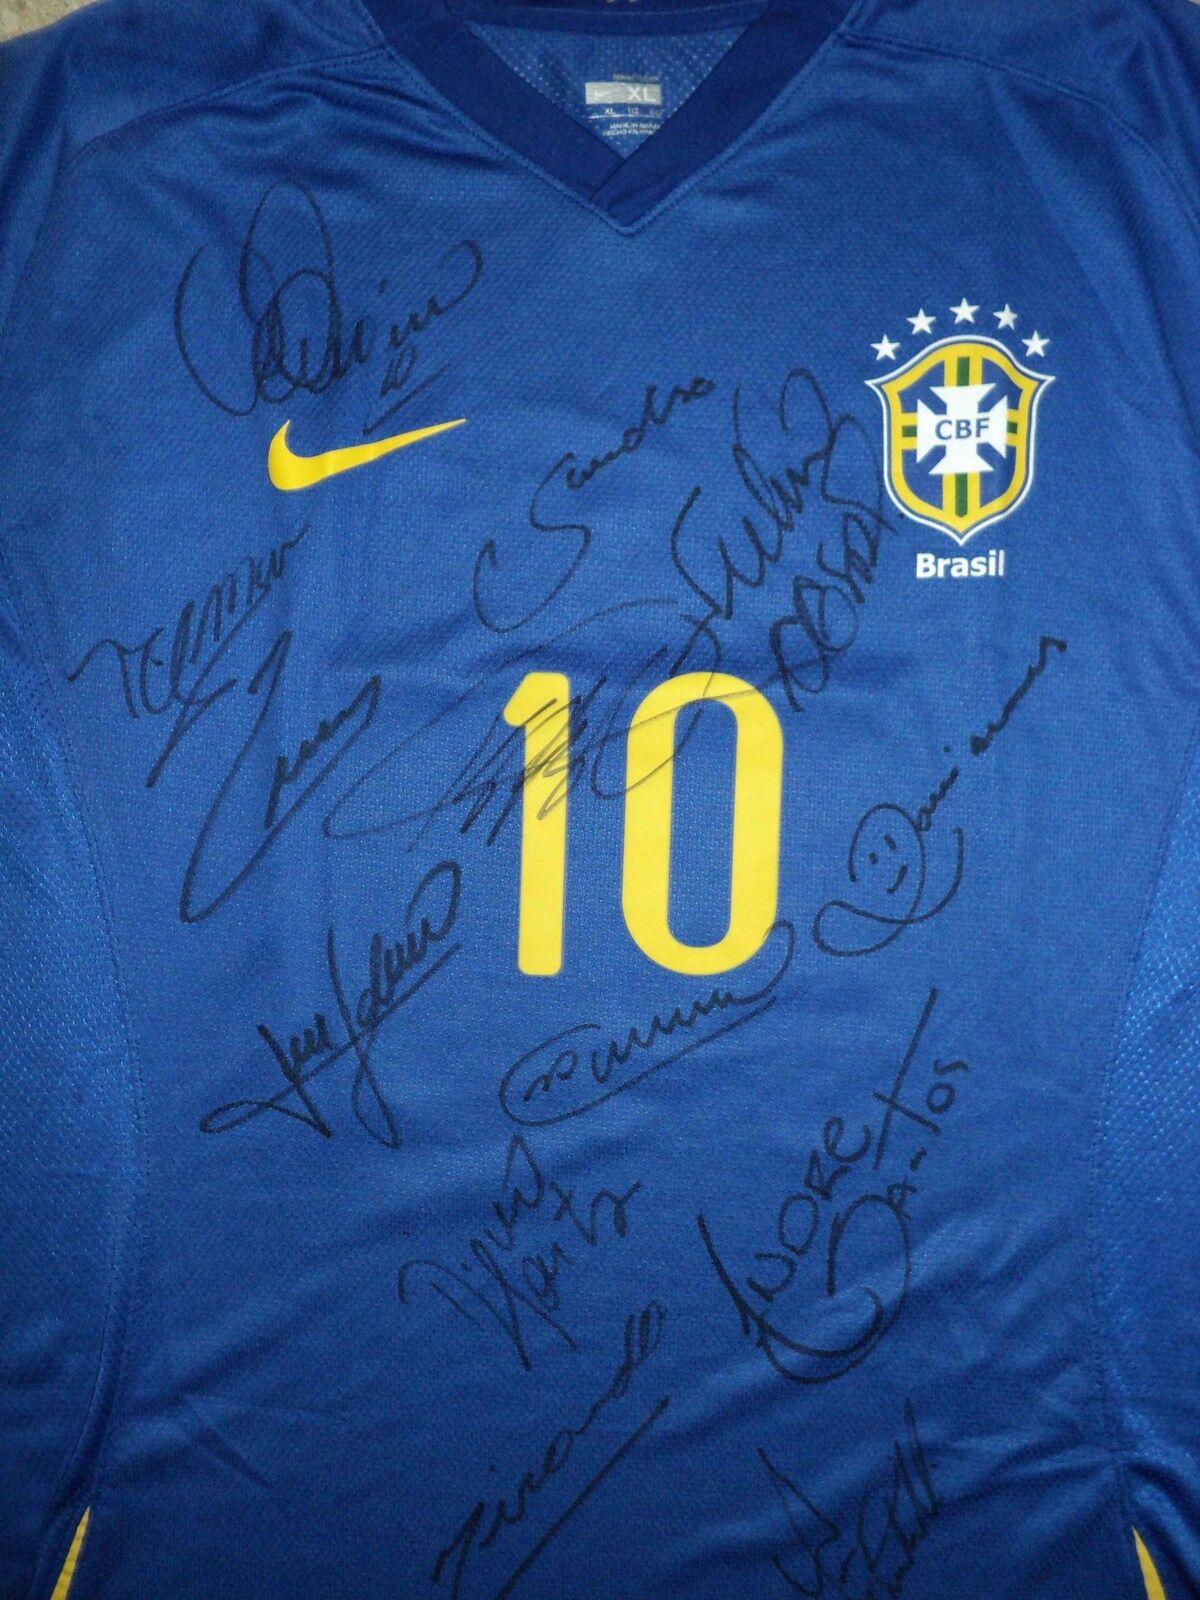 Kaka Brasil partido de las Naciones Unidas Worn Shirt y firmado por los jugadores